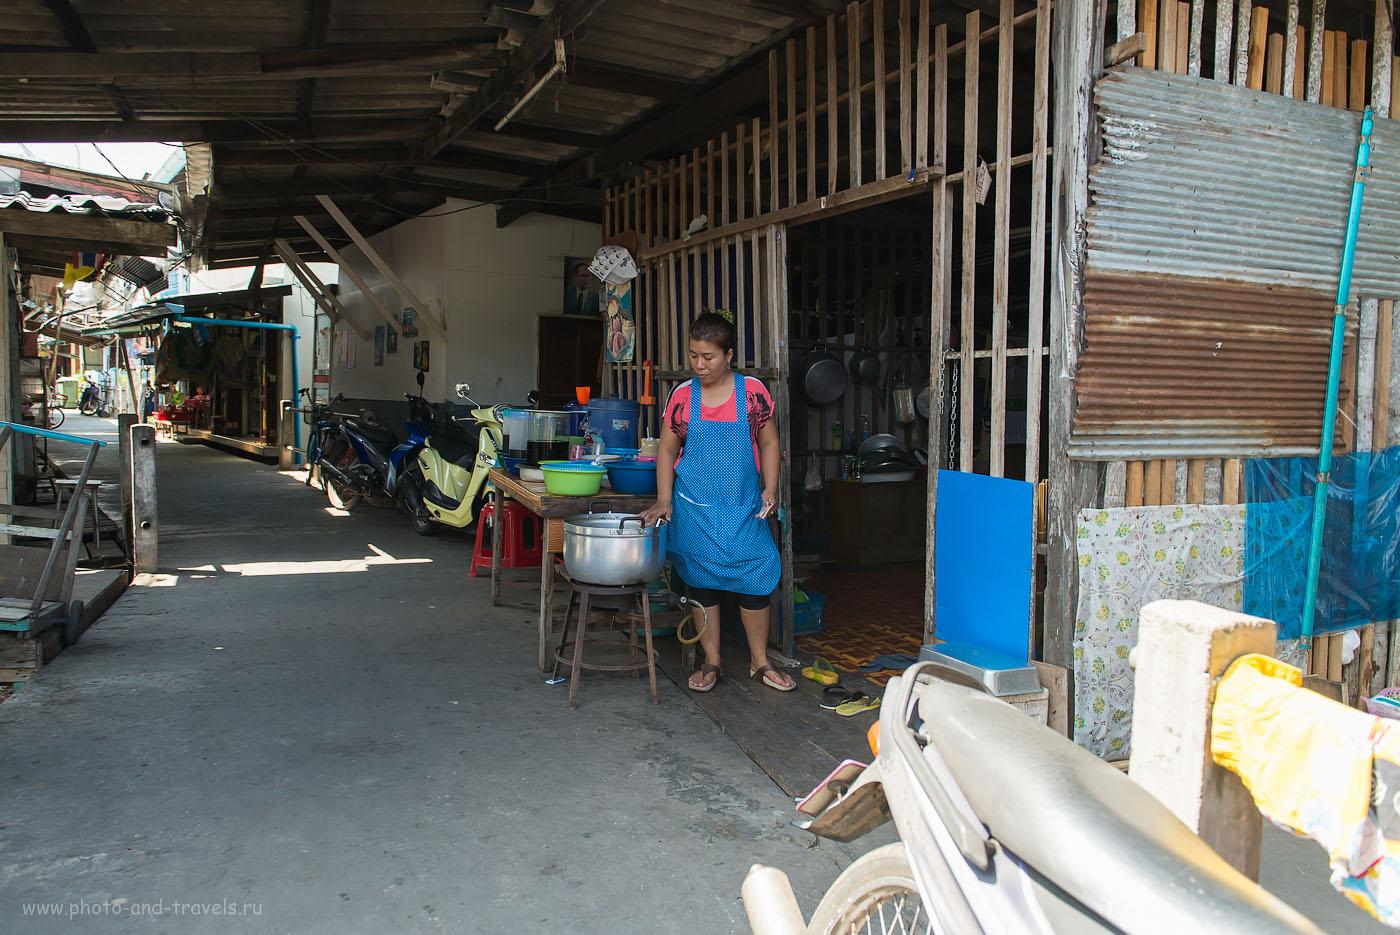 Фотография 22. Муж - на рыбалке, жена готовит. Такова жизнь в рыбацкой деревне. Отзывы об отдыхе в Таиланде (320, 24, 4.0, 1/320)